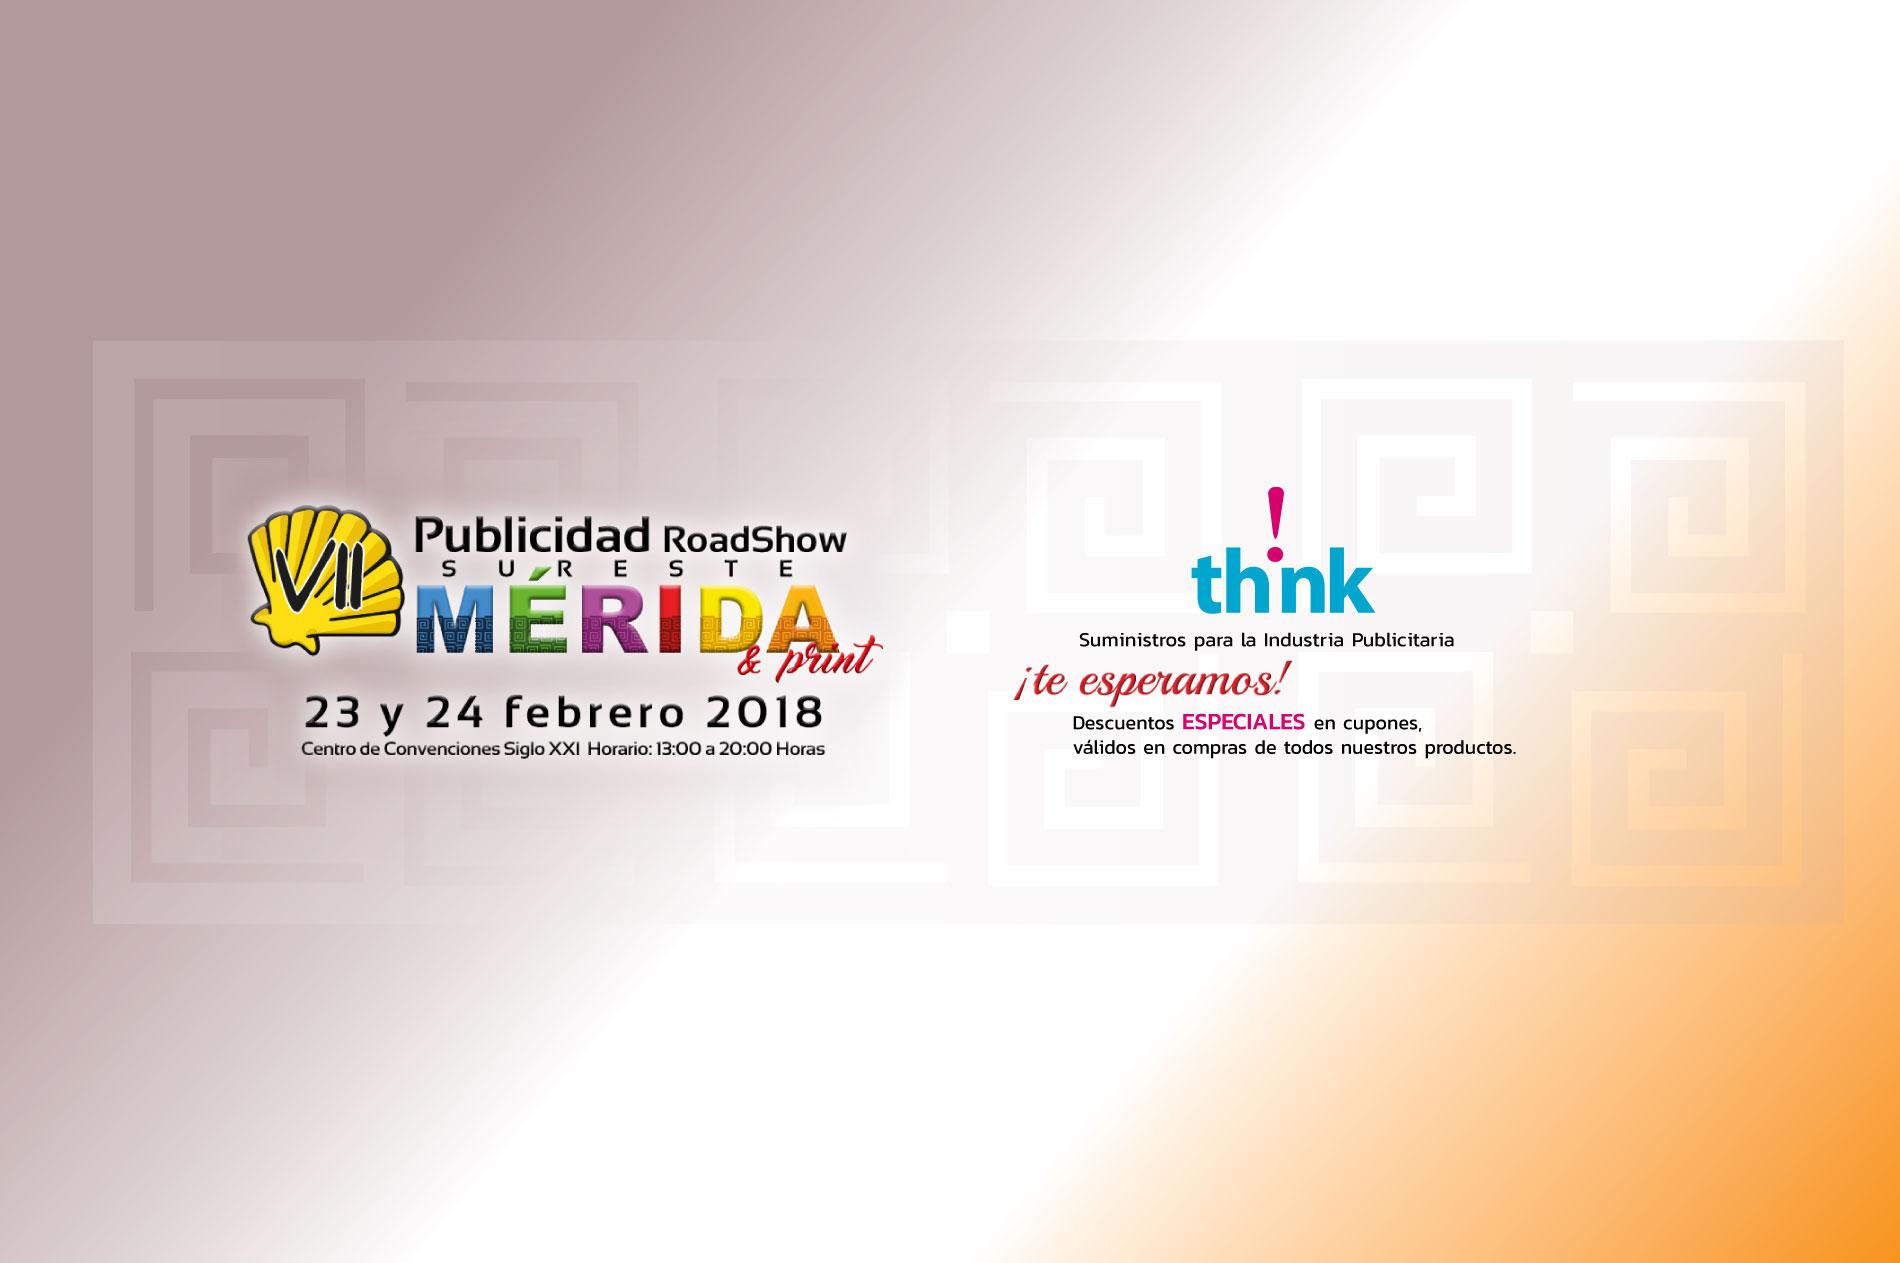 Expo Publicidad Road Show, Sureste Mérida 2018